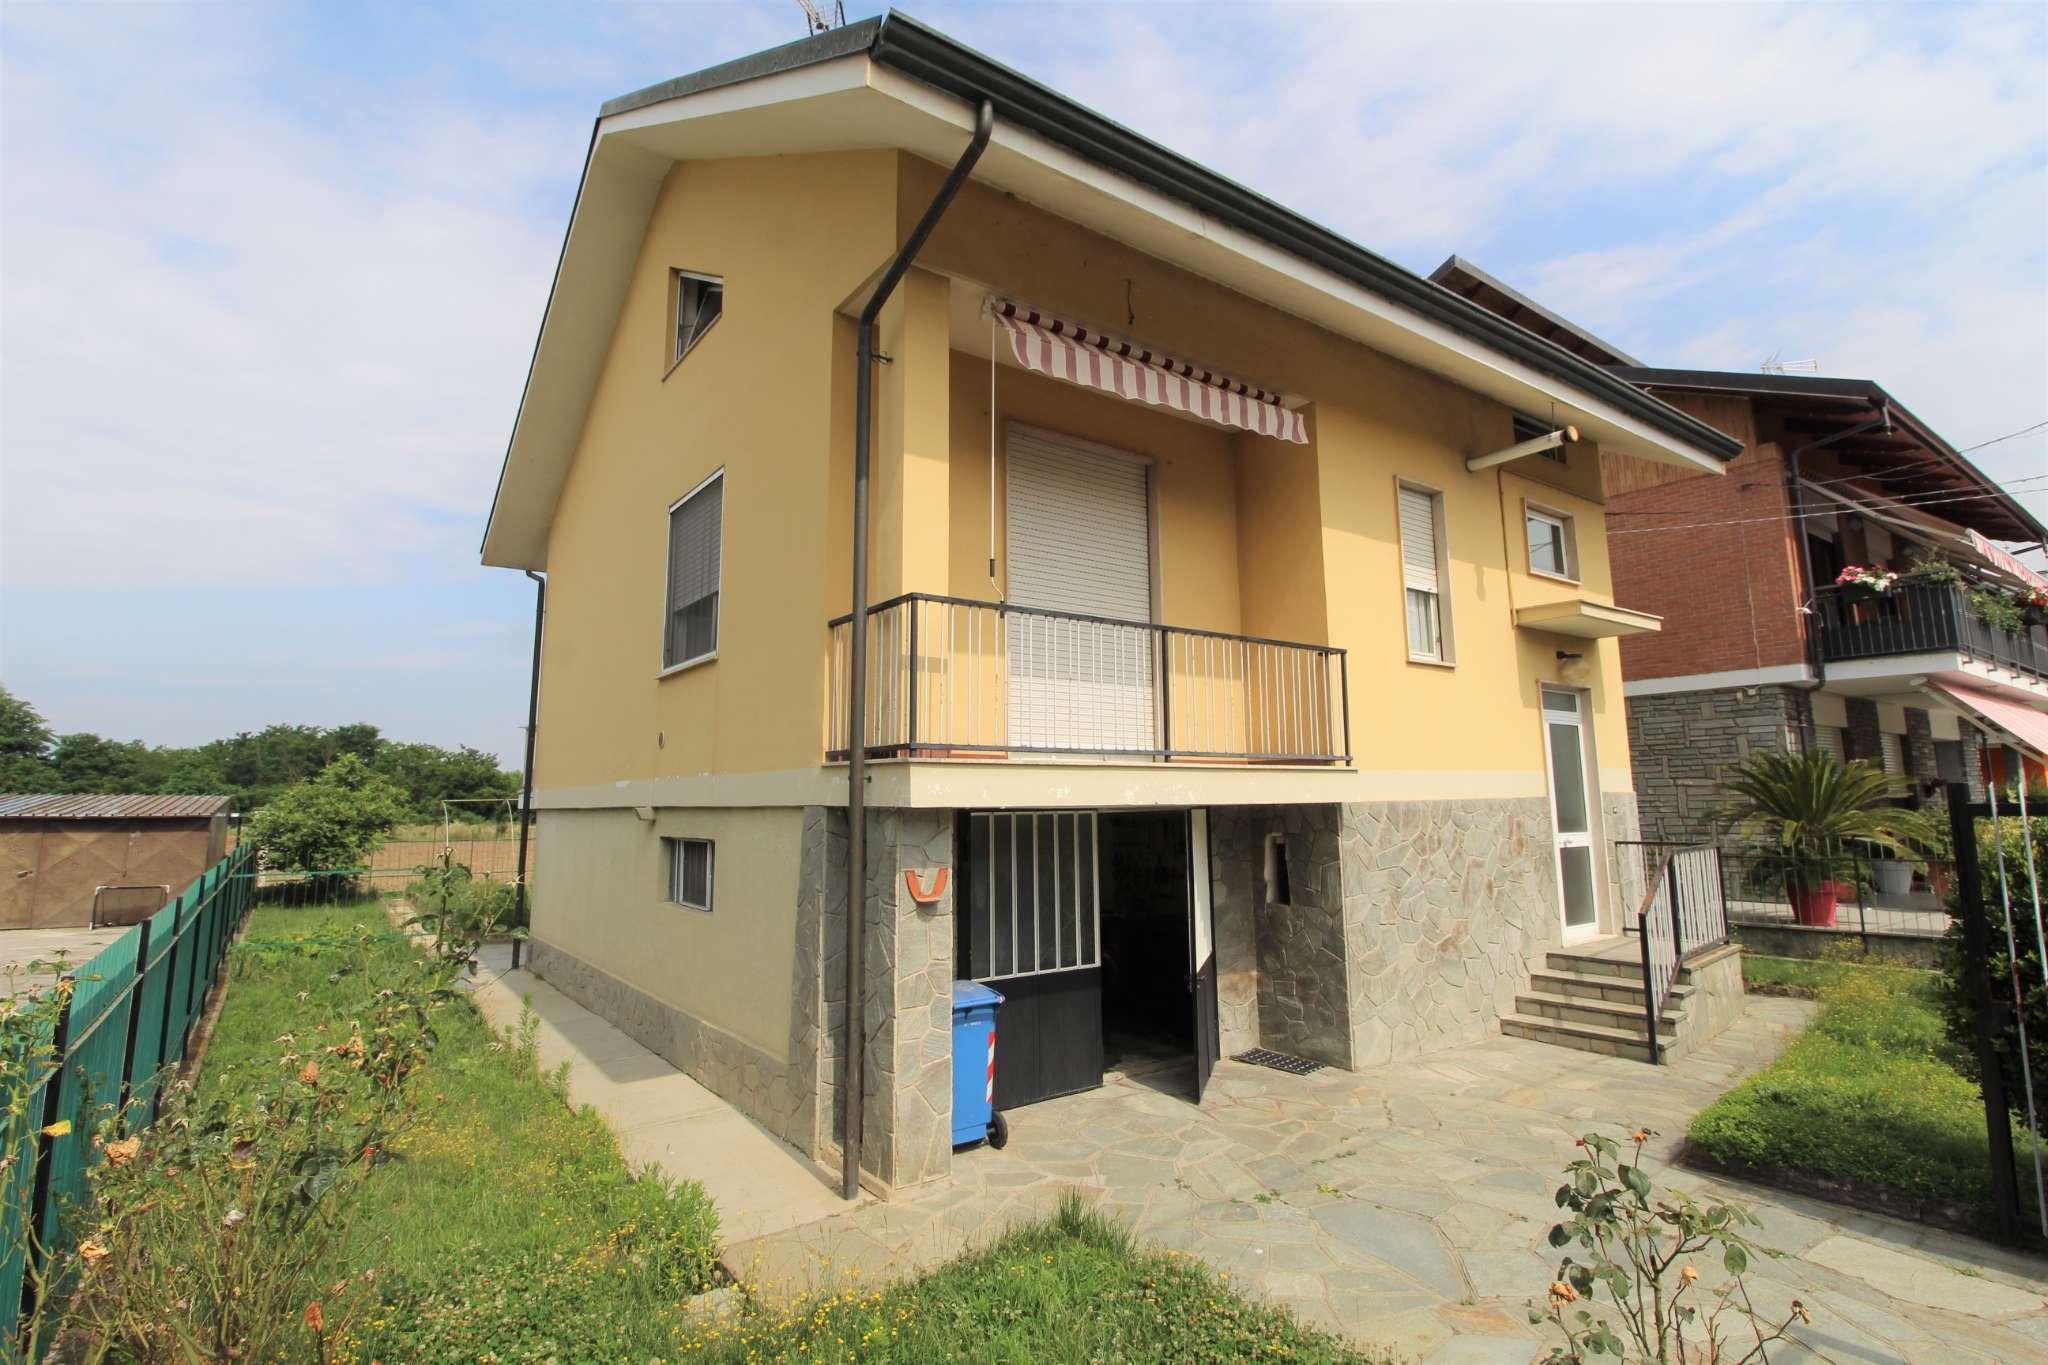 Soluzione Indipendente in vendita a La Loggia, 8 locali, prezzo € 310.000   PortaleAgenzieImmobiliari.it